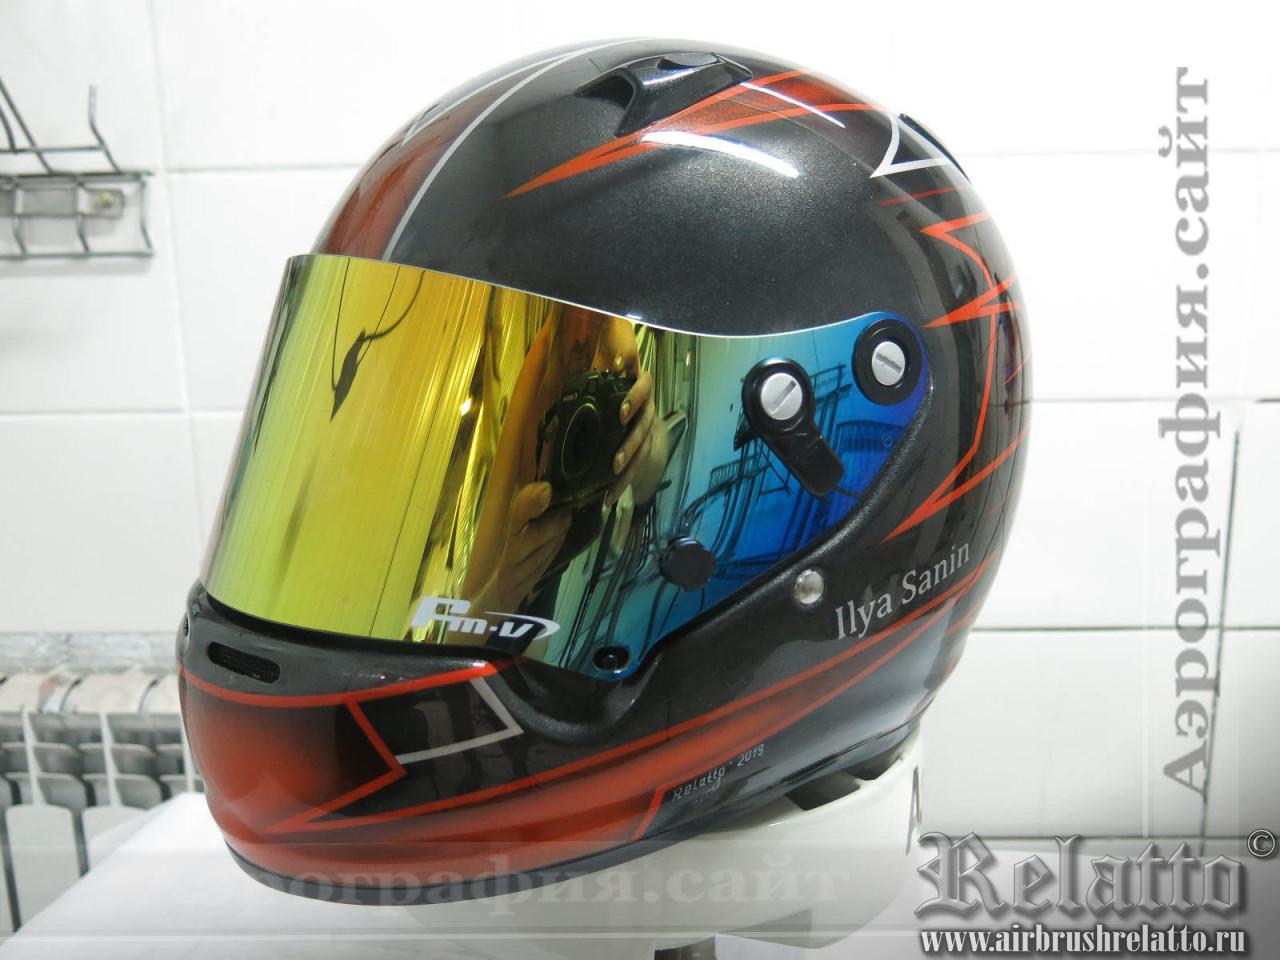 шлем для картинга с аэрографией в Белгороде